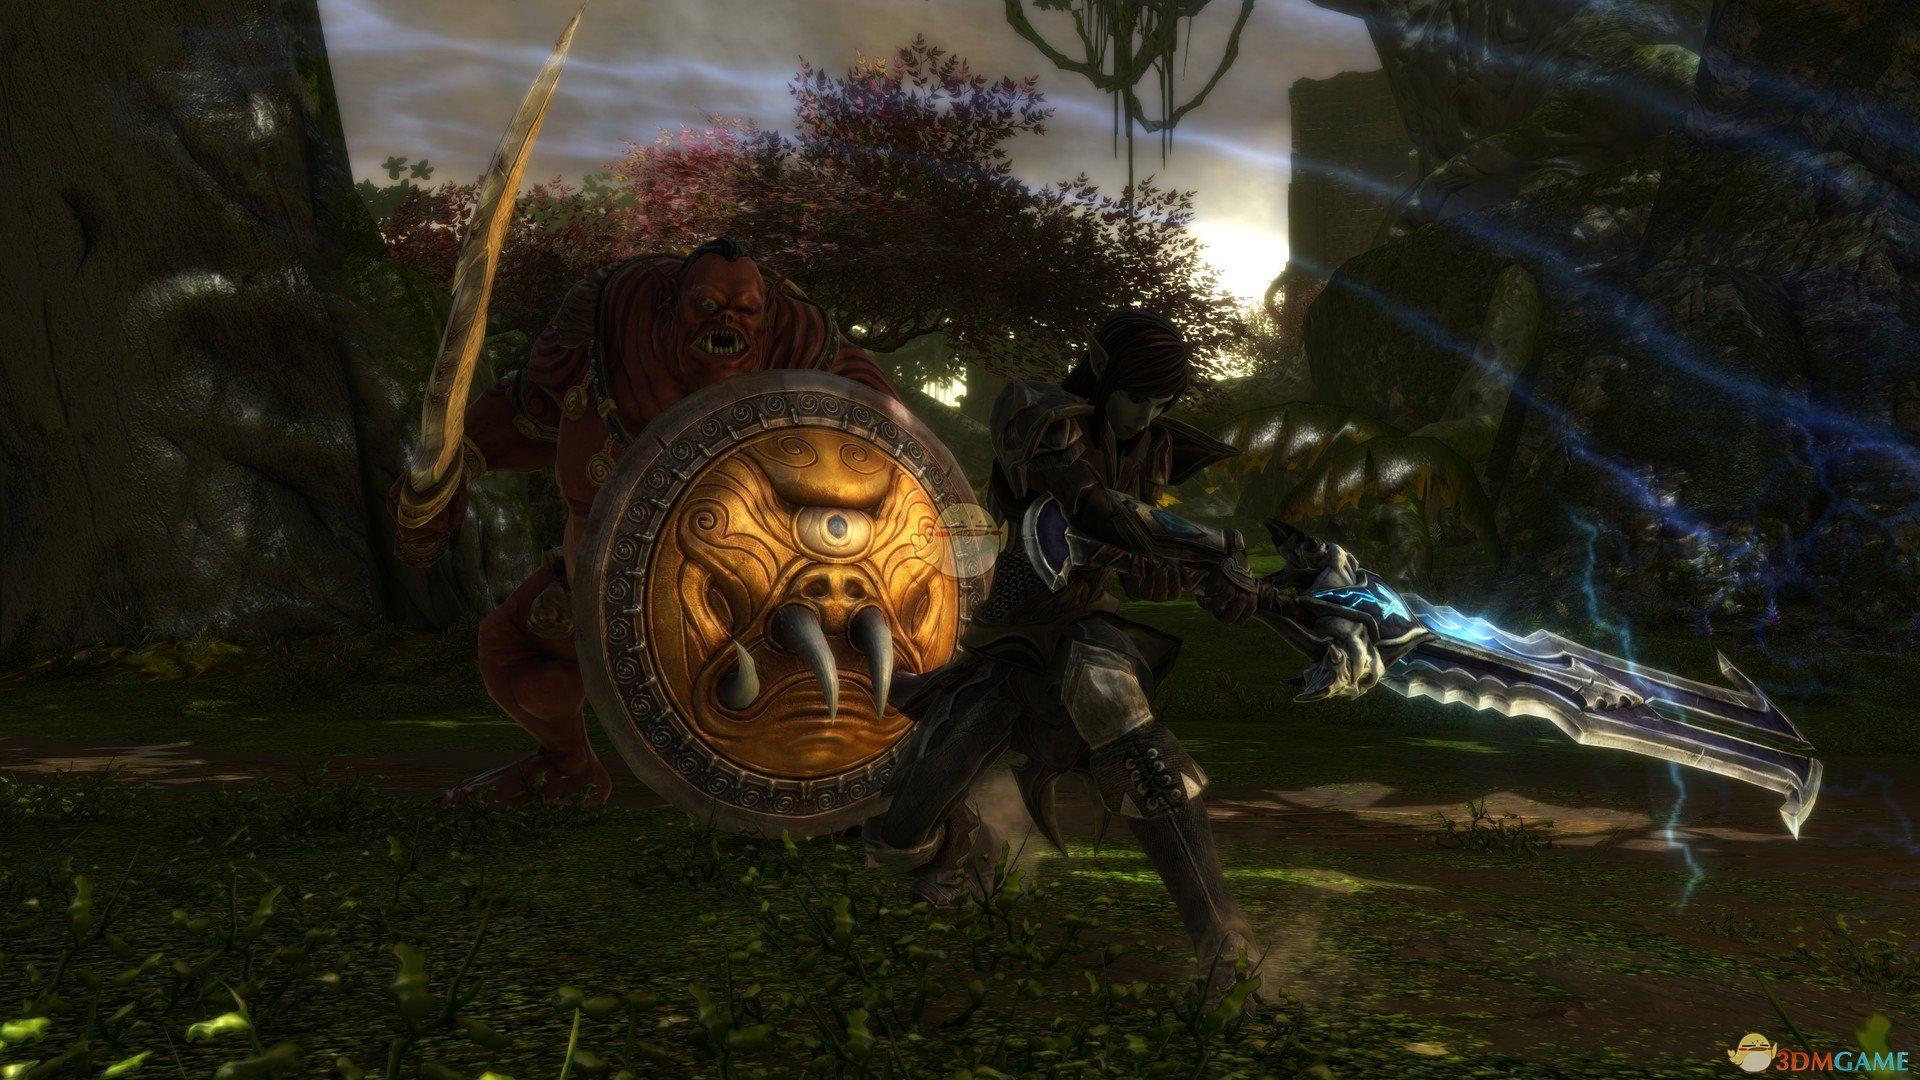 《阿玛拉王国:惩罚 重置版》游戏特色内容一览